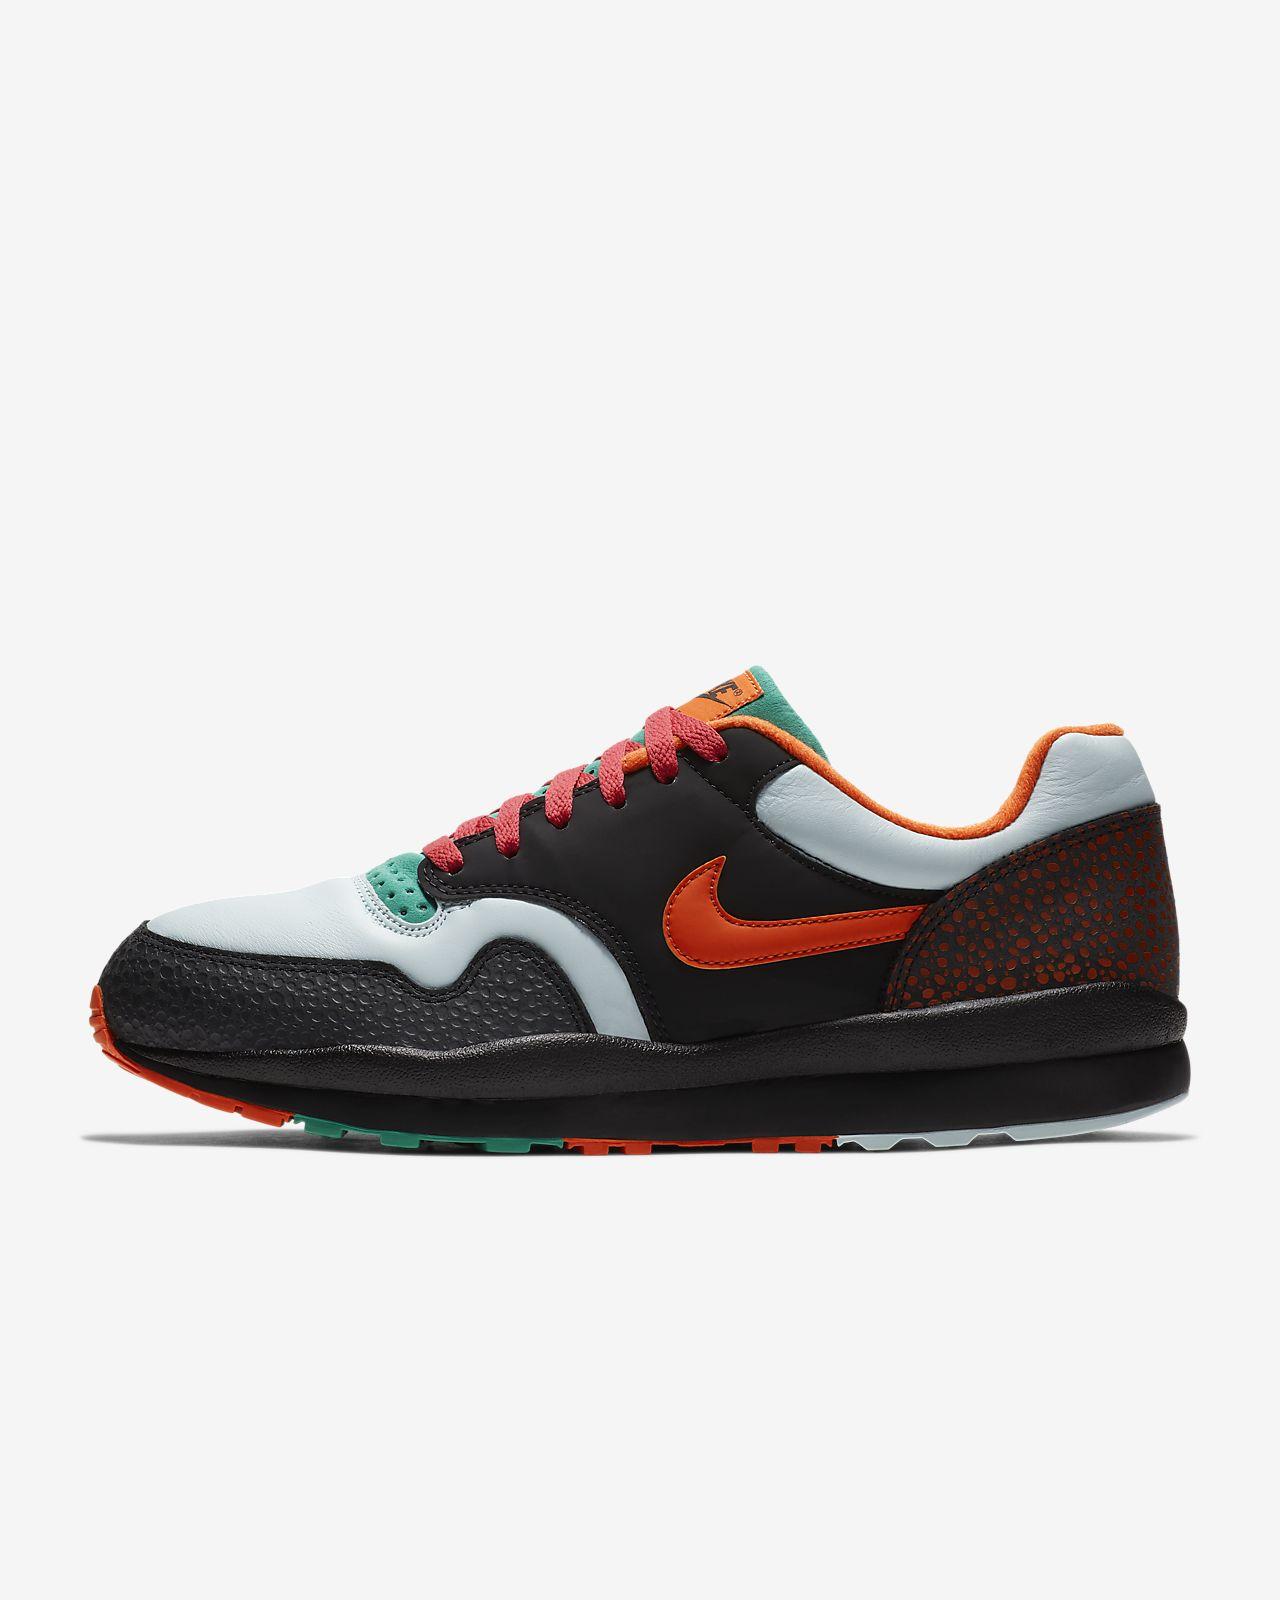 new arrival 9136c 9224d ... Nike Air Safari SE-sko til mænd